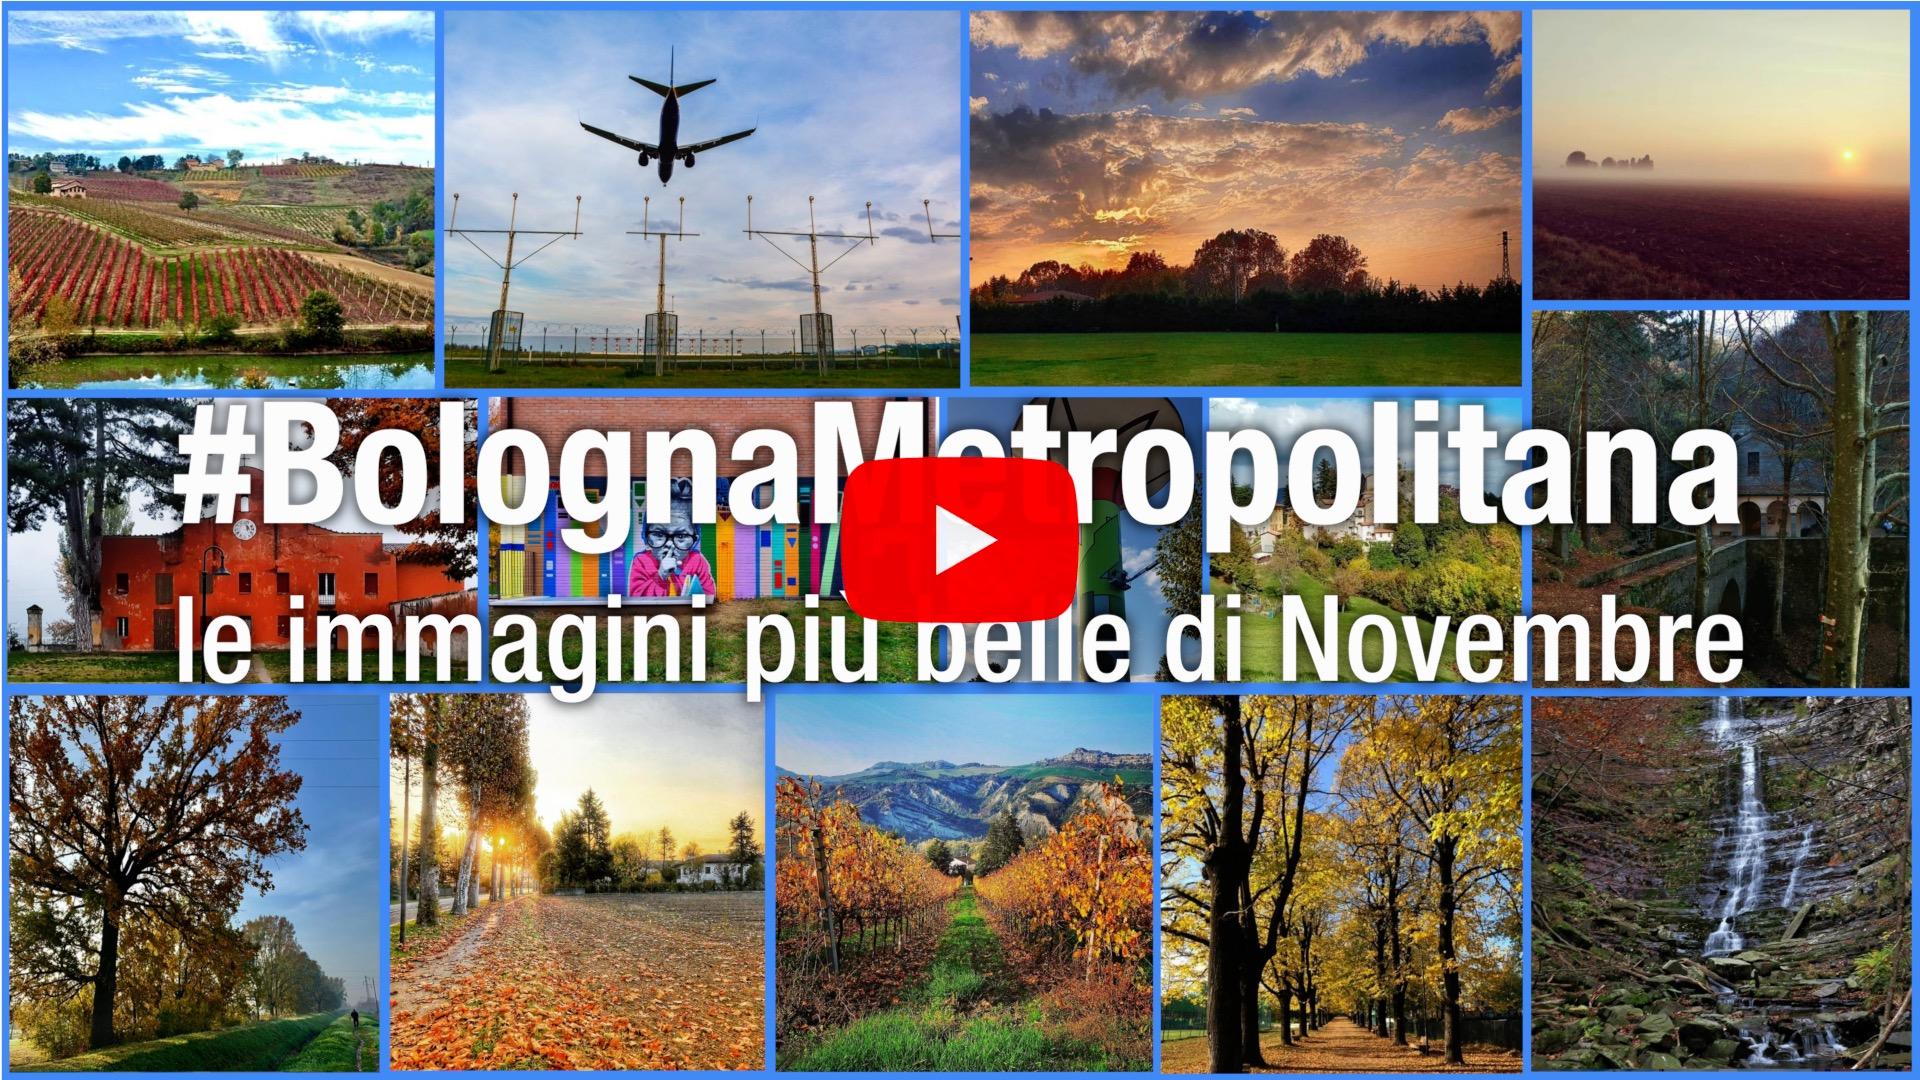 #BolognaMetropolitana - Le immagini più belle di novembre 2020